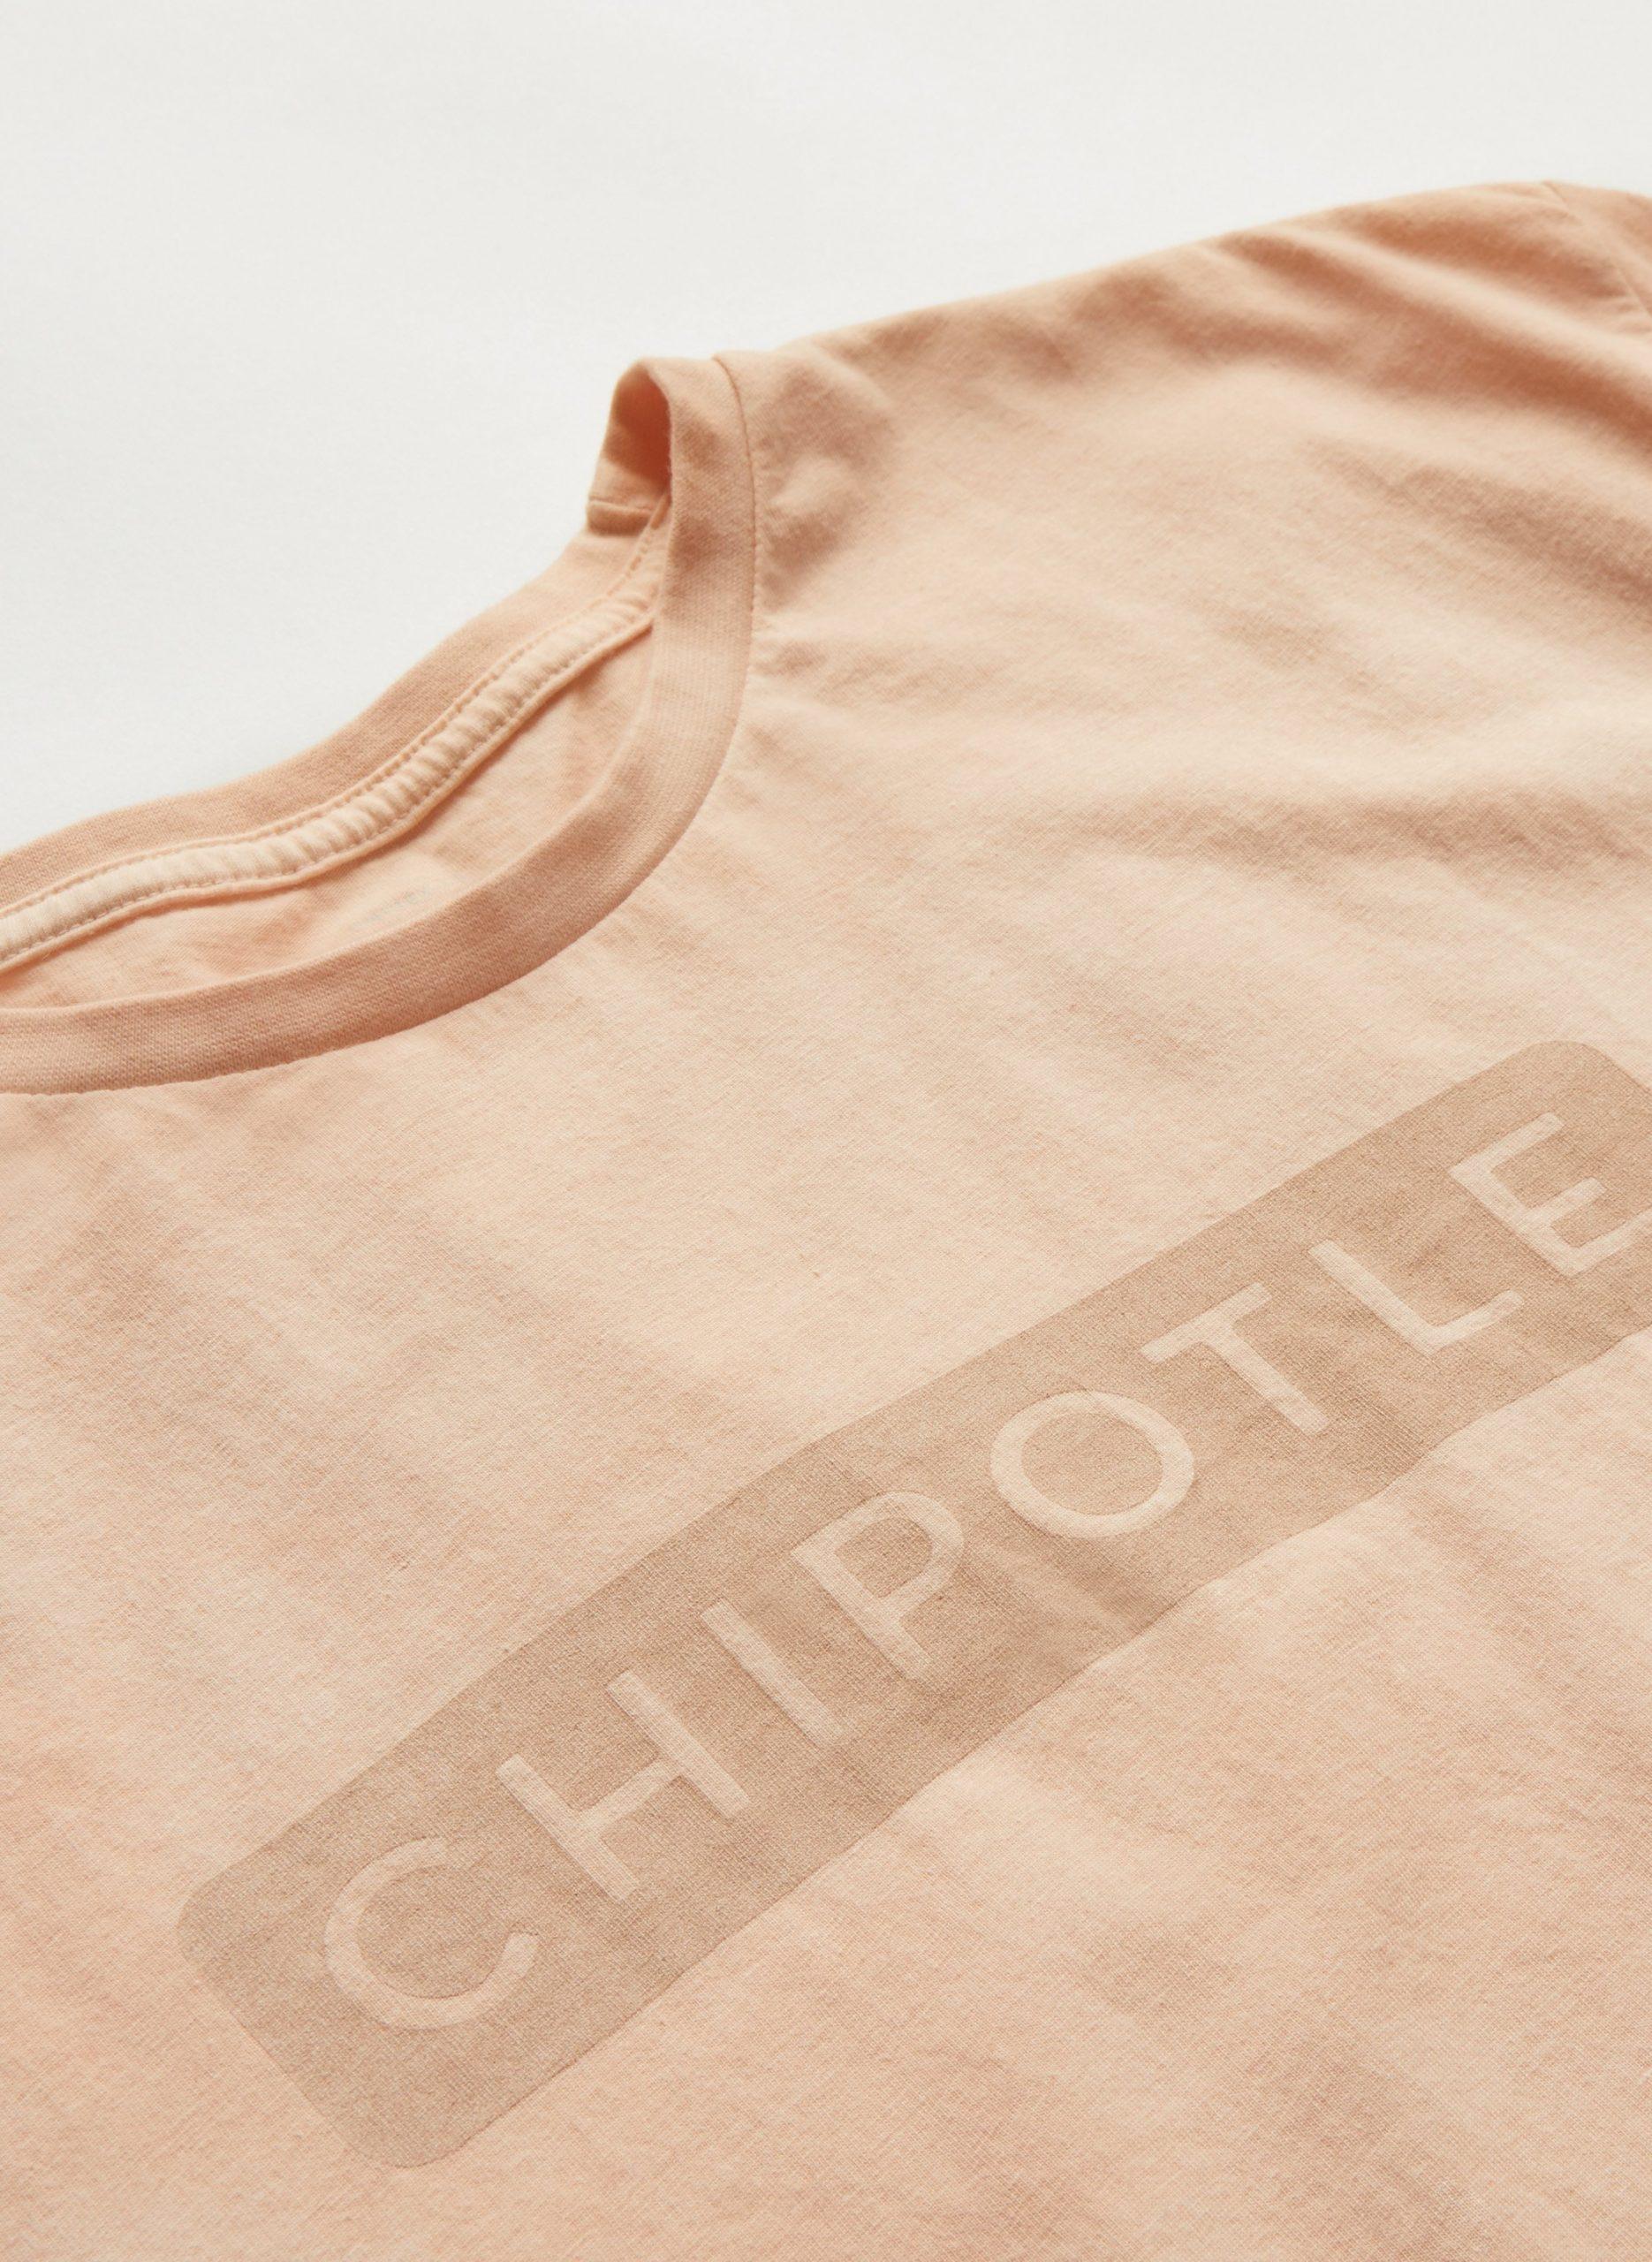 CHIPOTLE 2